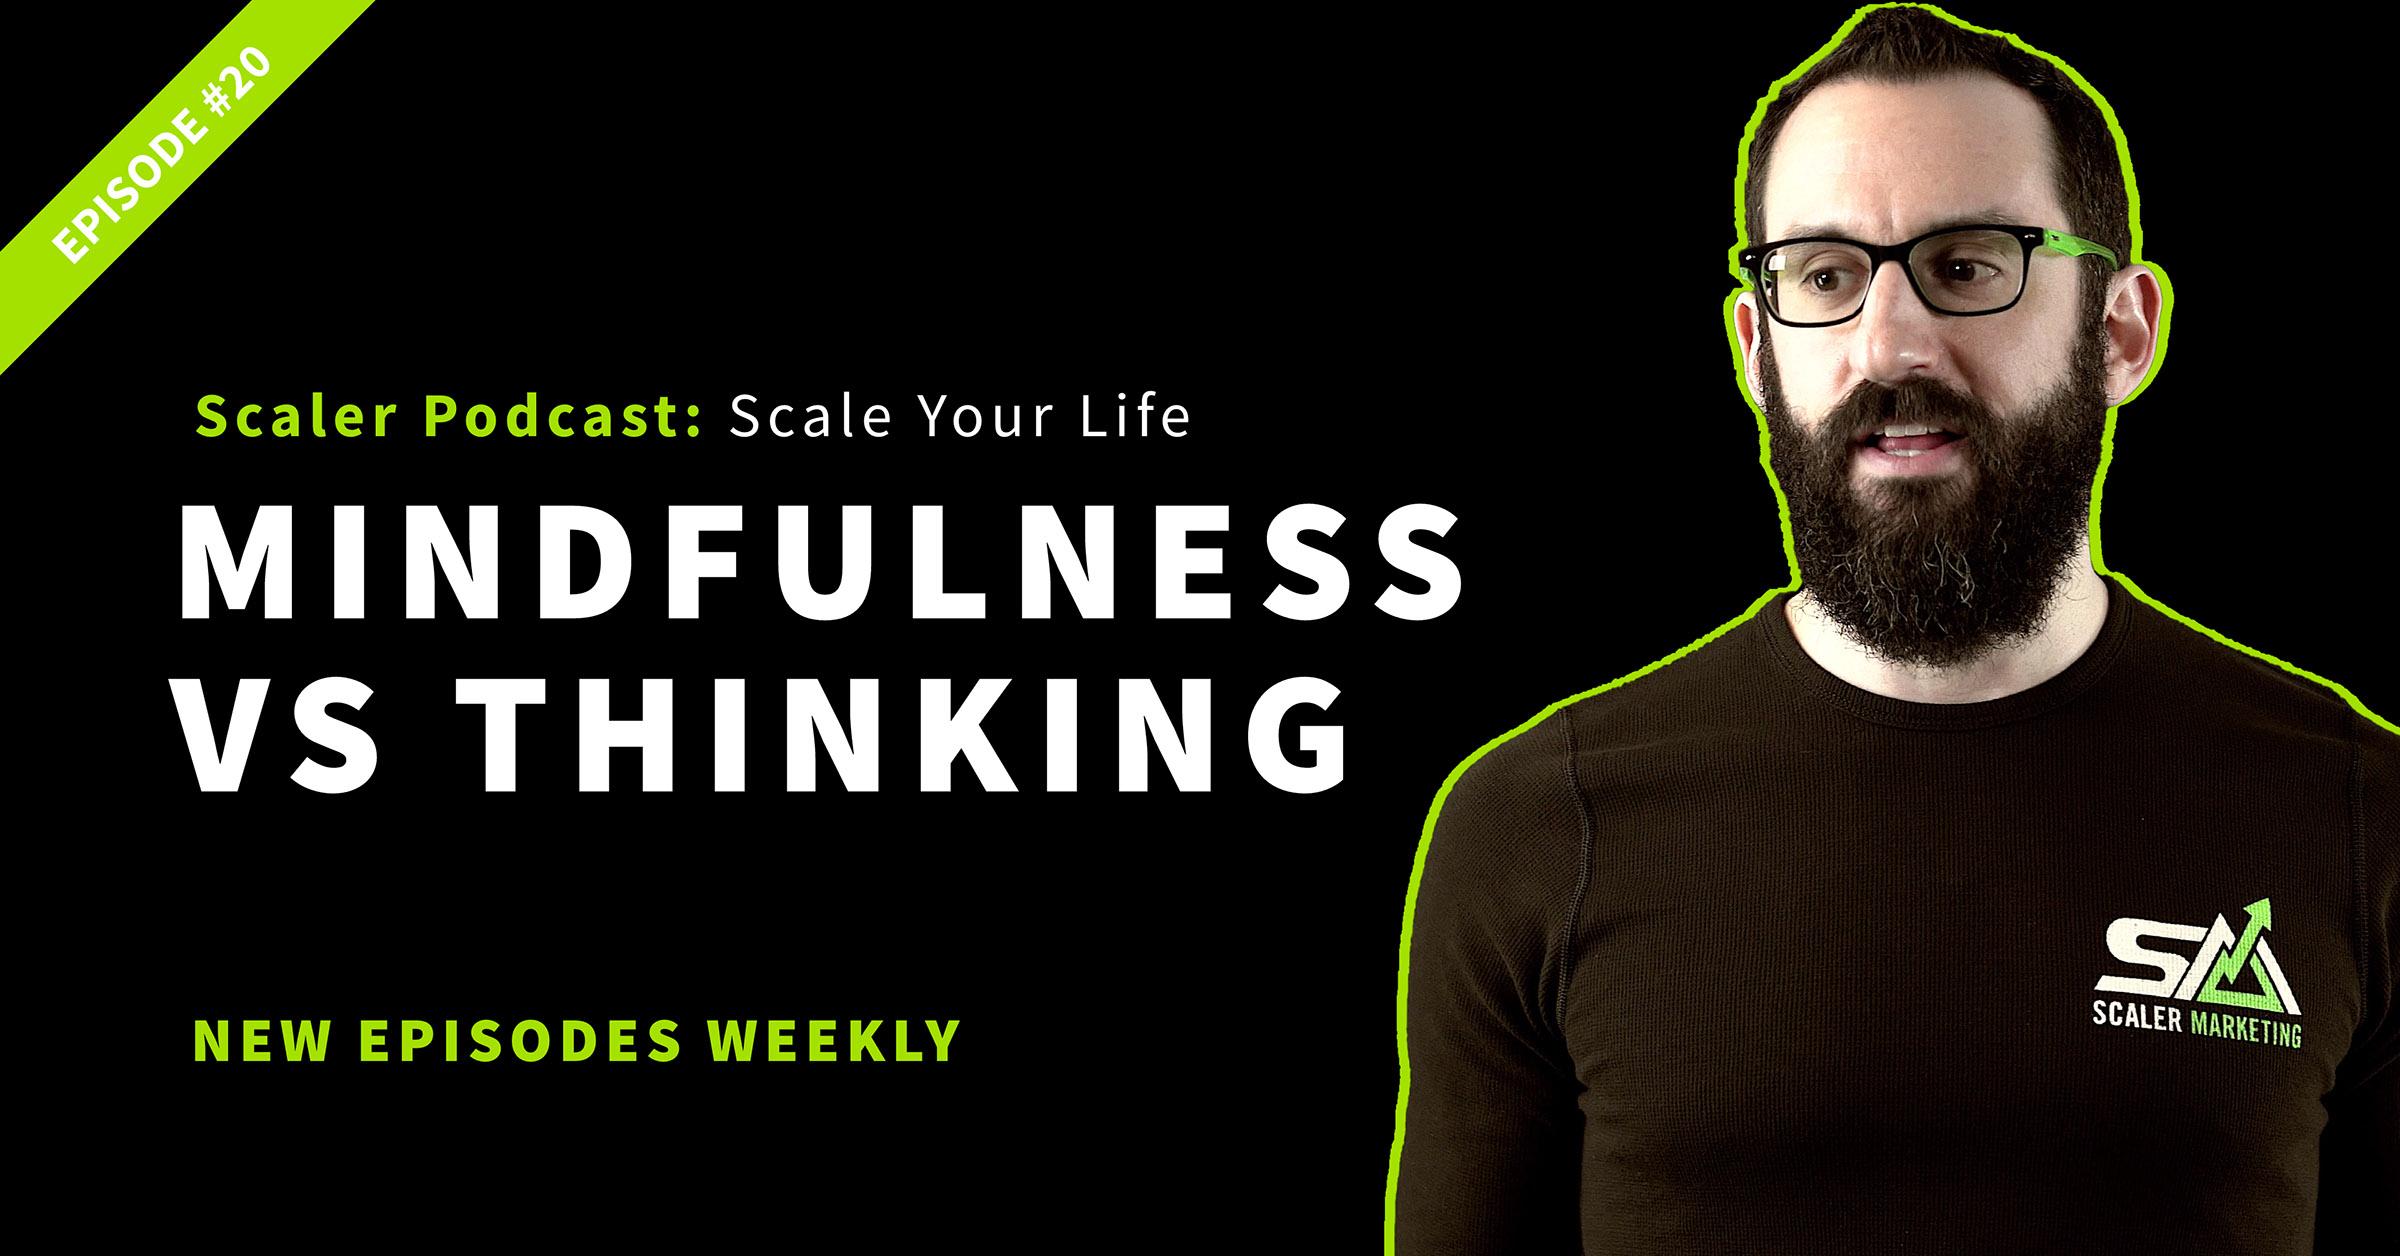 Episode 20 - Mindfulness Vs Thinking